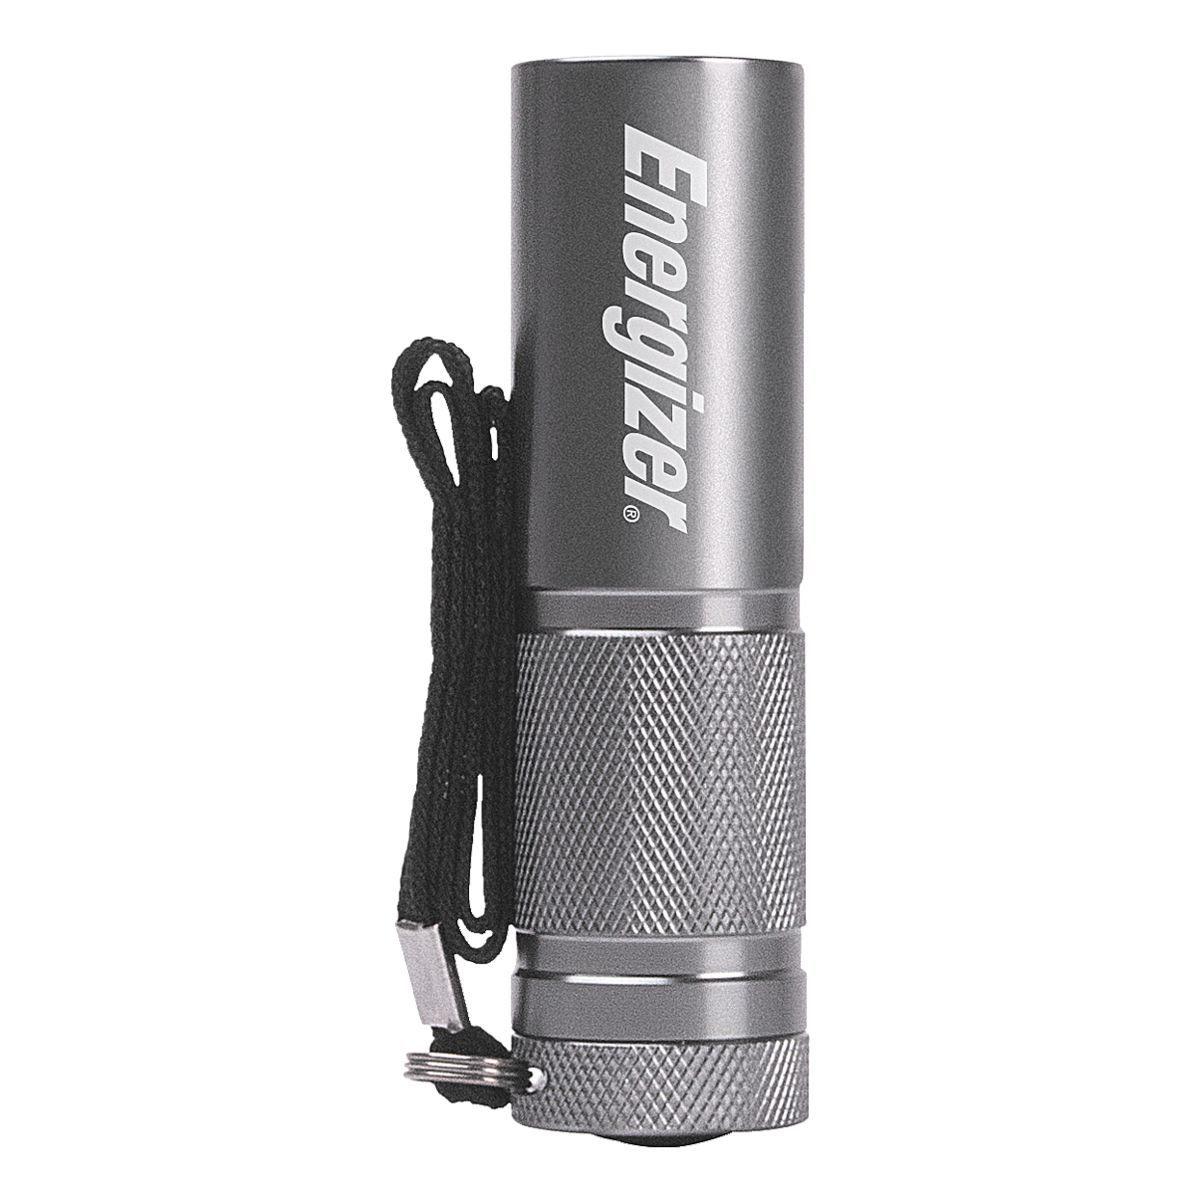 Energizer Taschenlampe